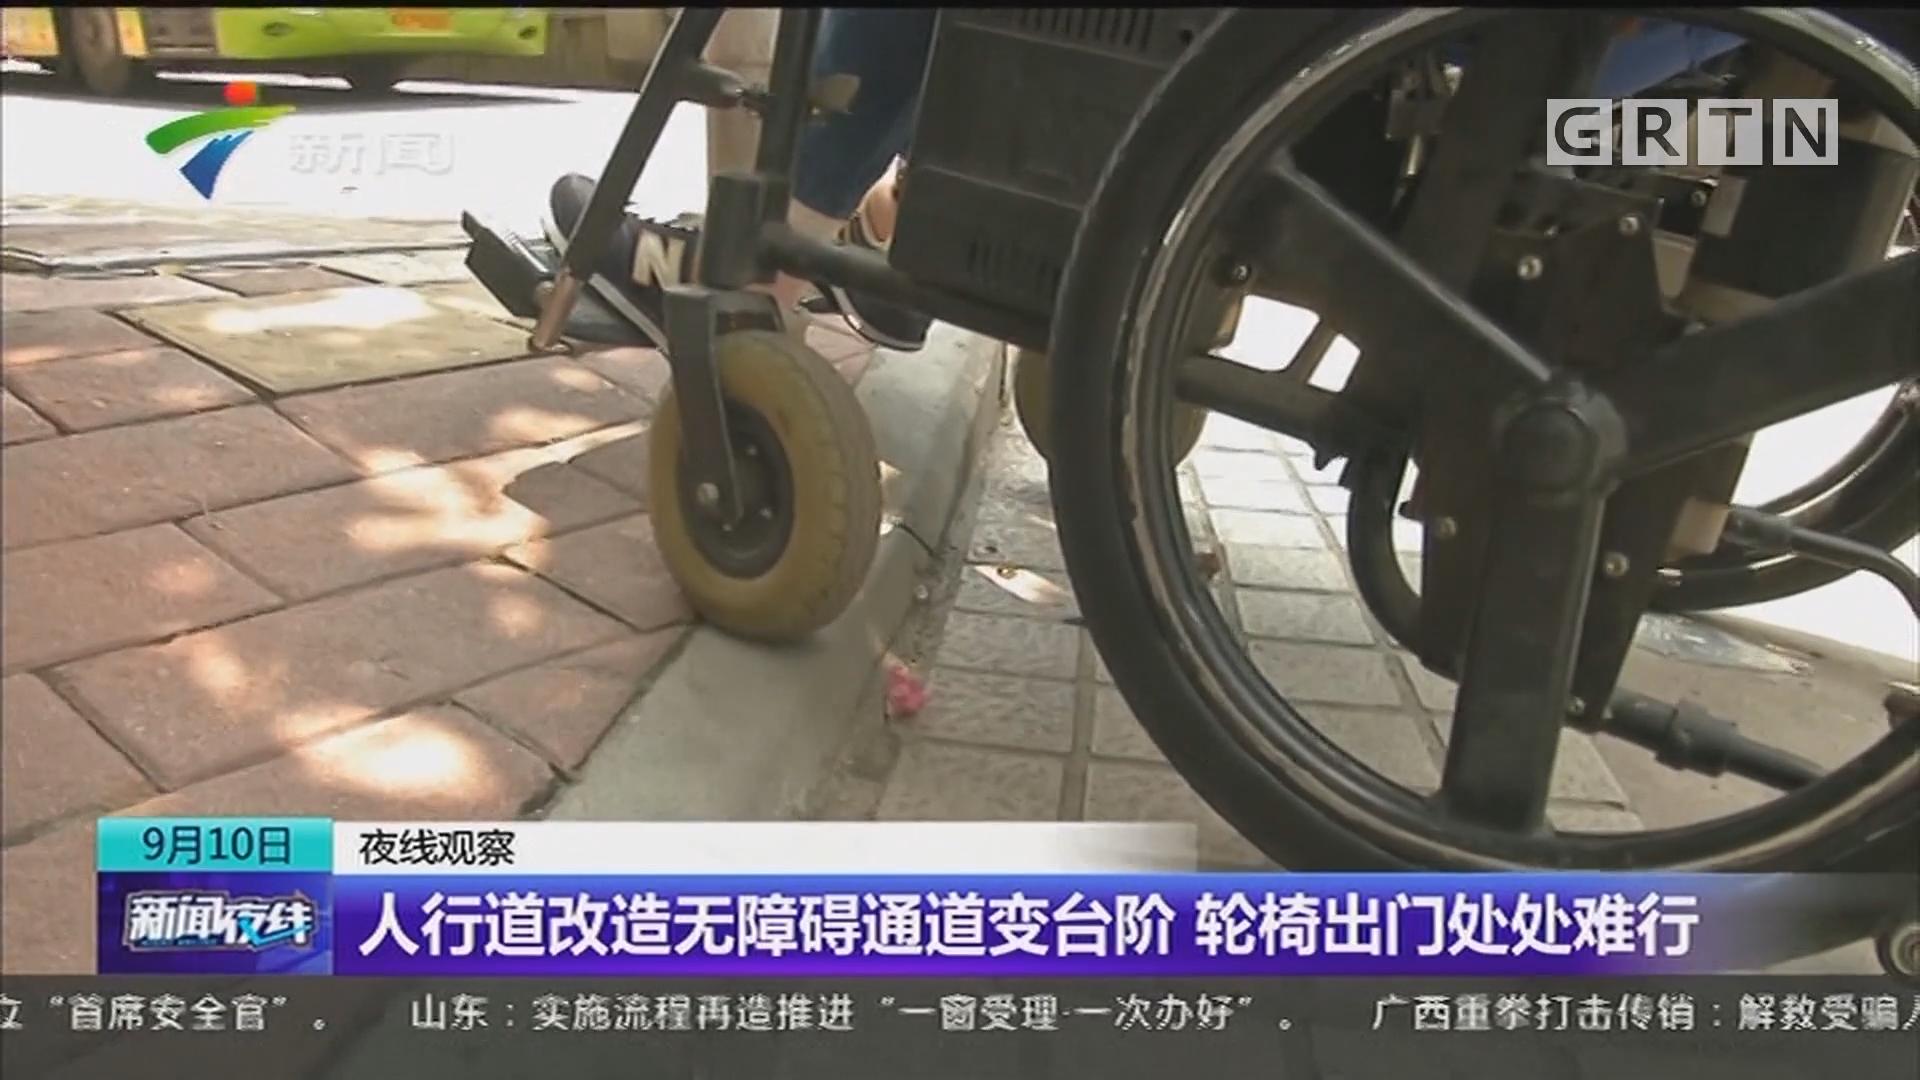 人行道改造无障碍通道变台阶 轮椅出门处处难行